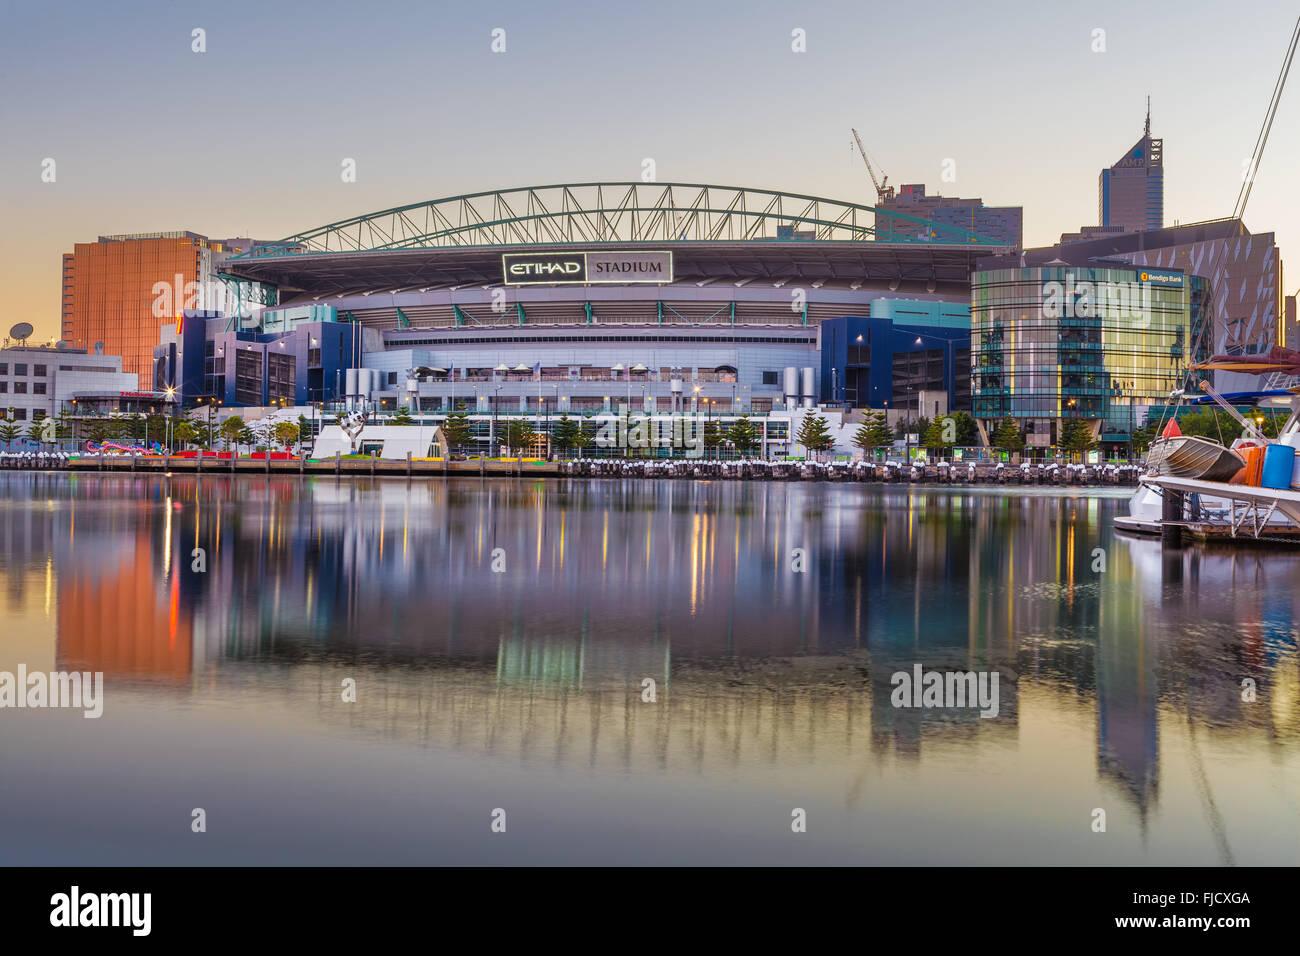 Melbourne, Australia - 21 de febrero de 2016: el estadio Etihad Stadium vistos desde temprano en las mañanas Imagen De Stock